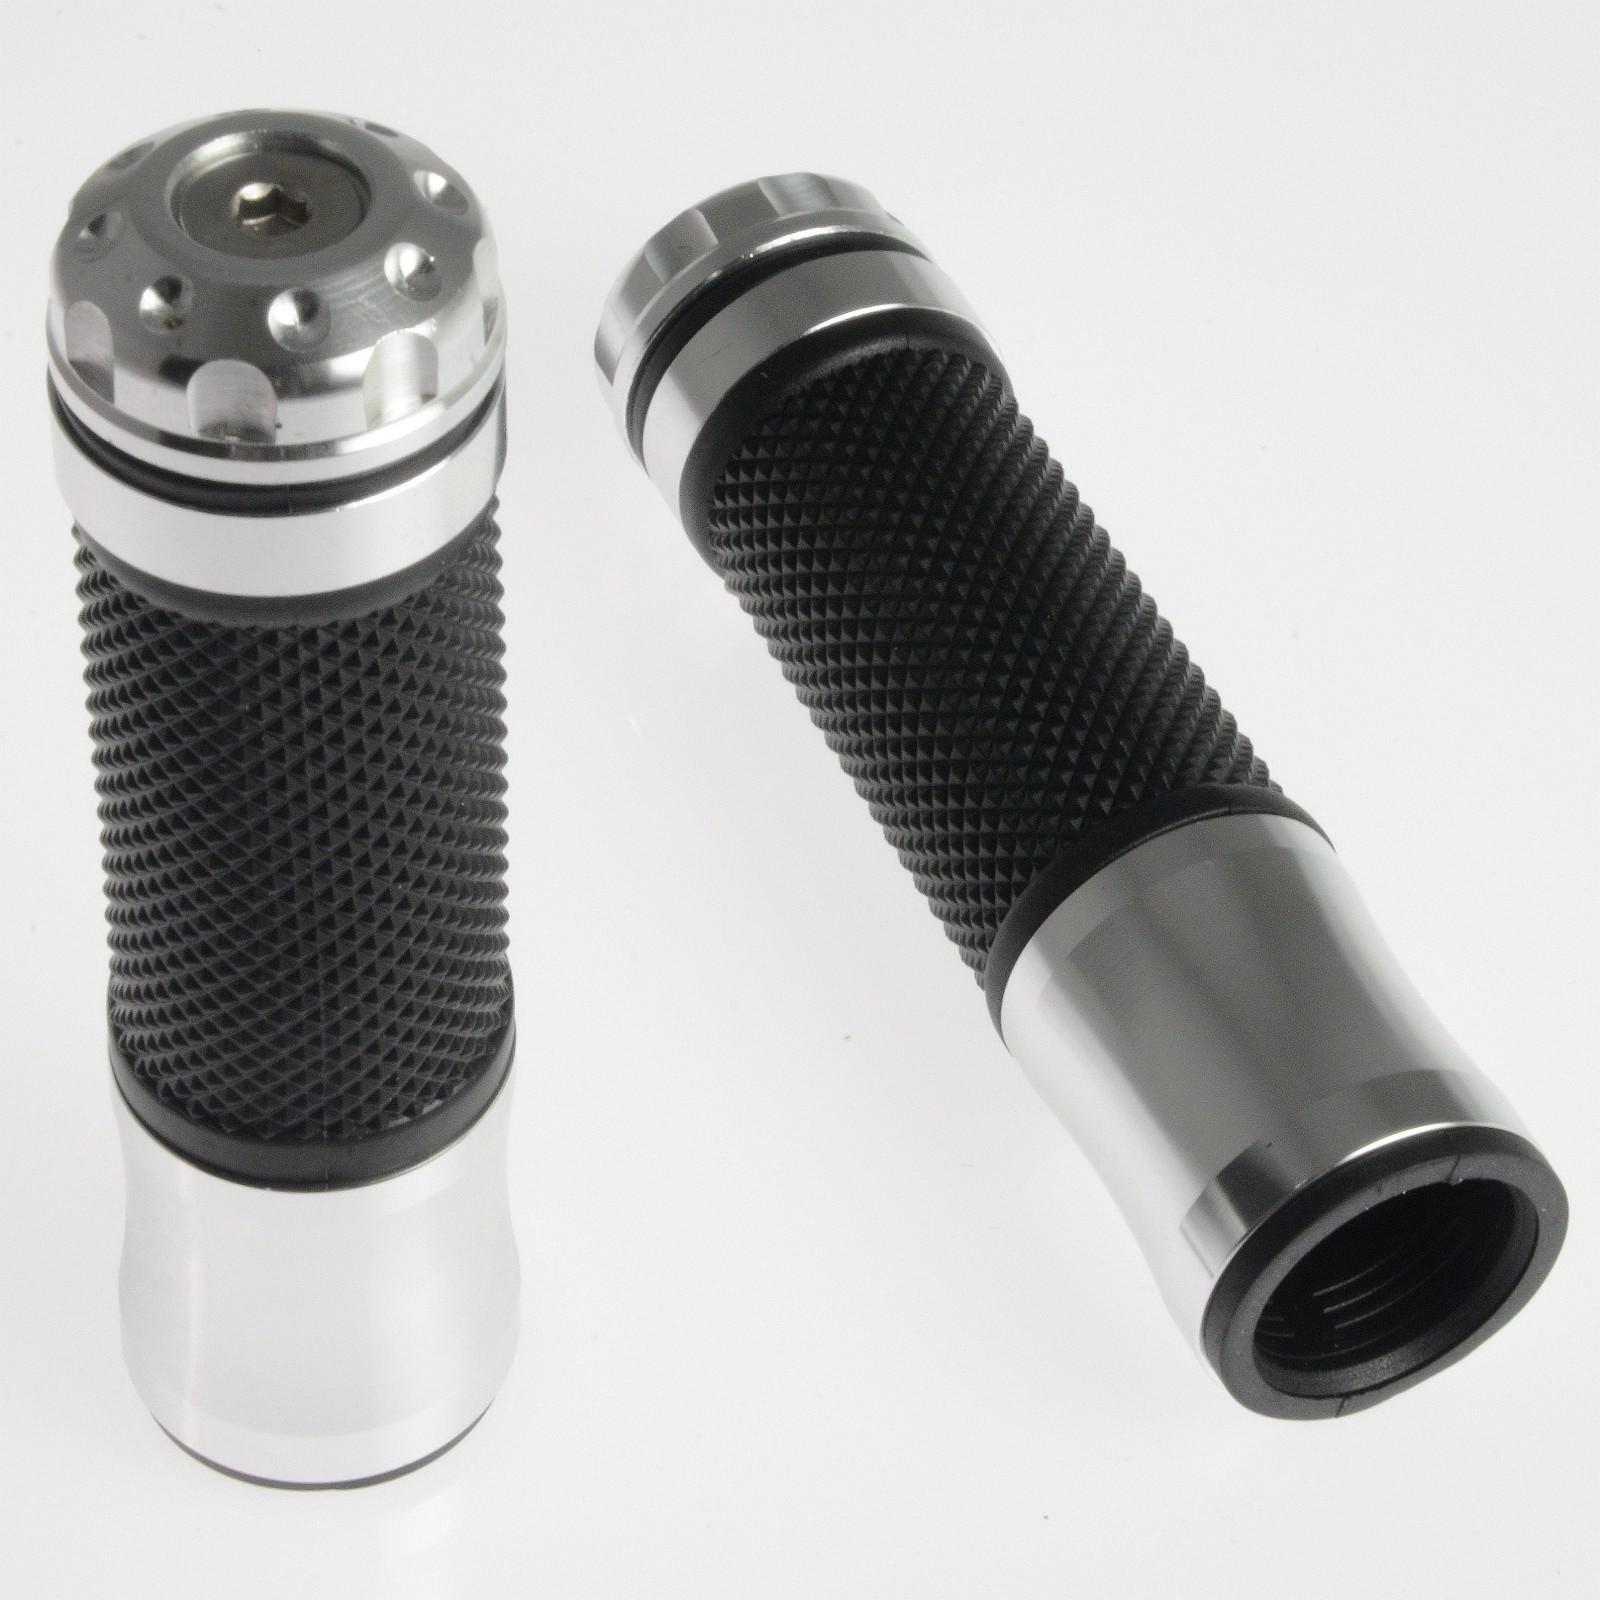 grande vendita design innovativo In liquidazione Coppia Manopole Metallo Cromato Gomma Moto Scooter Custom Universali  Manubrio